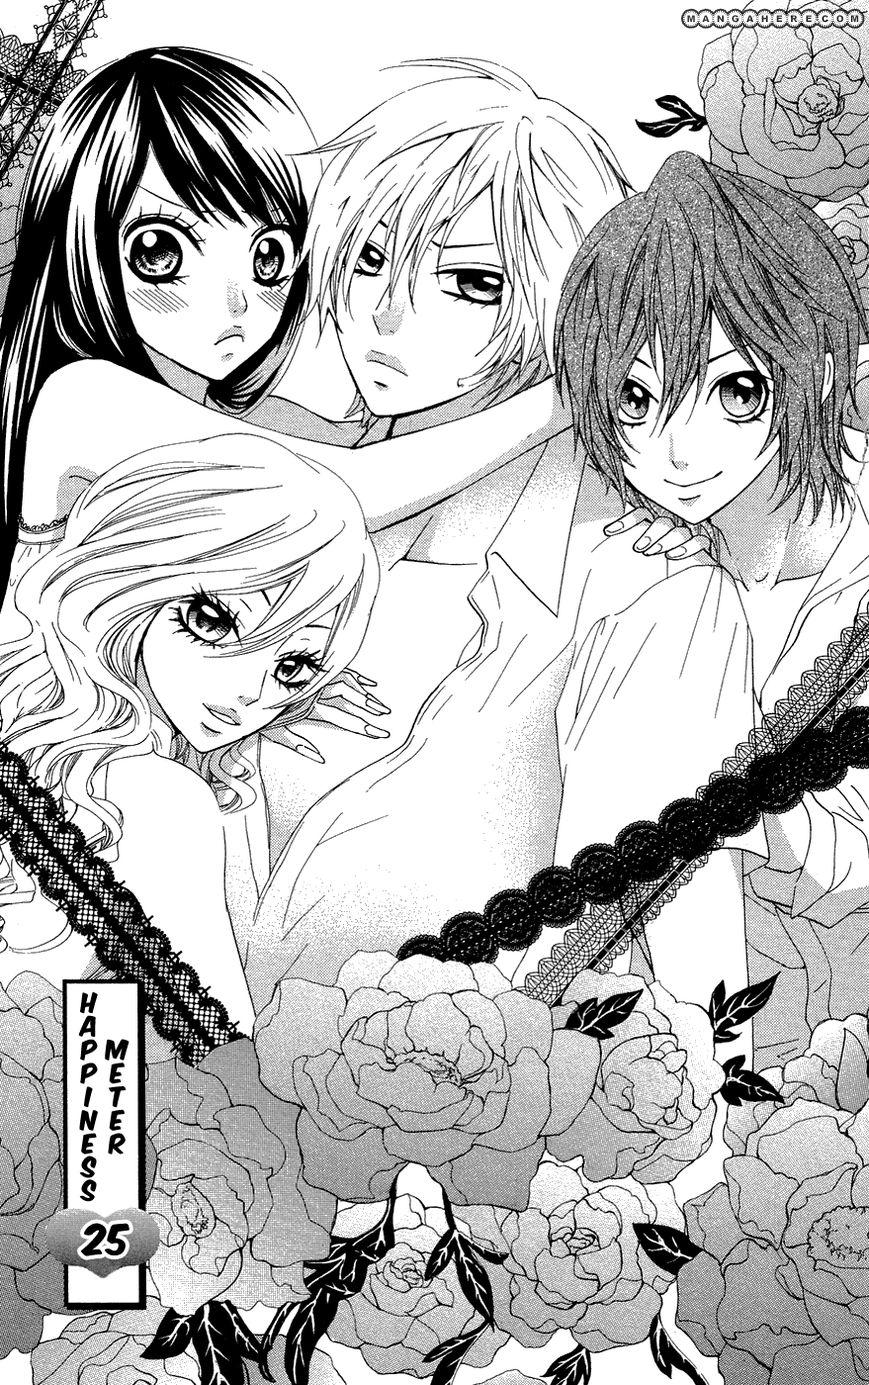 Ojousama Wa Oyomesama 25 Page 2